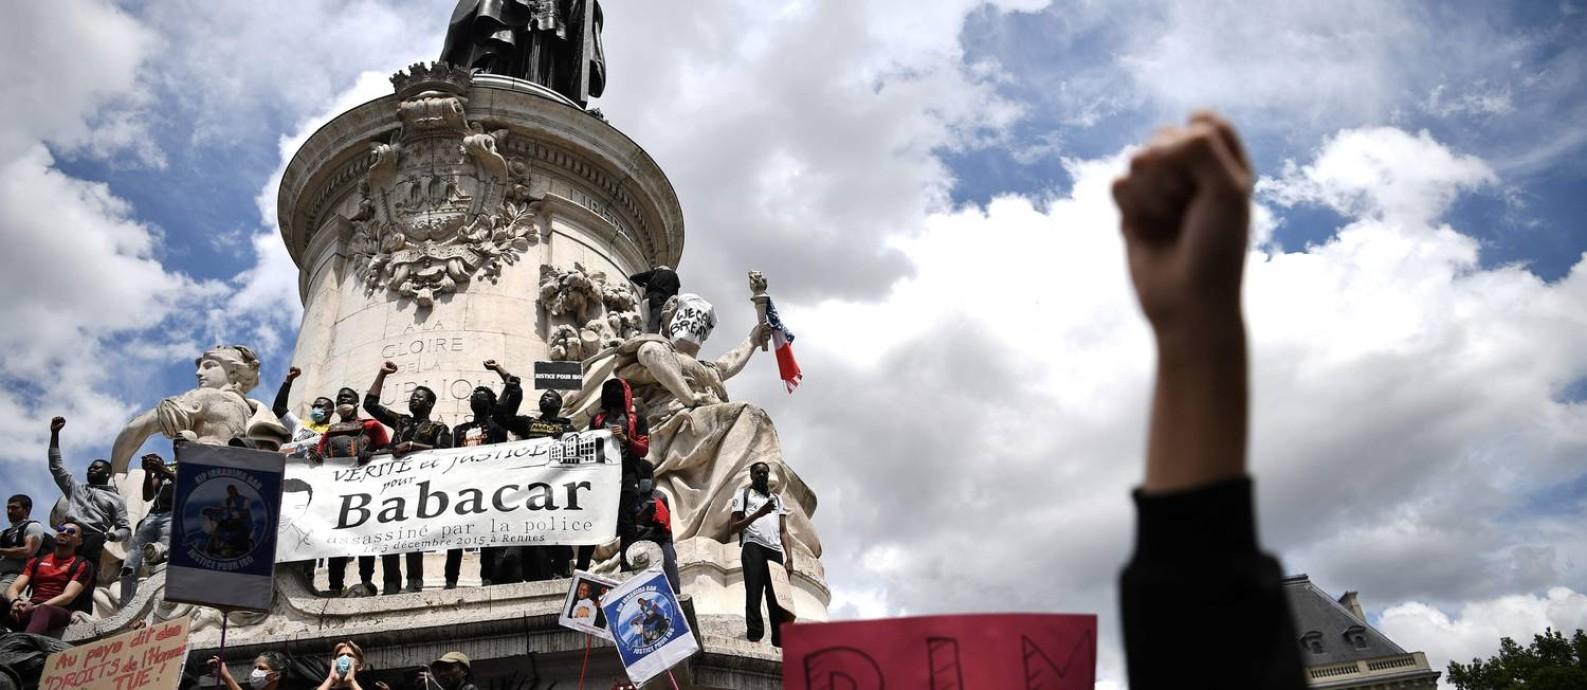 Manifestantes na Praça da República, em Paris, no sábado, pedem justiça para Babacar Gueye, imigrante senegalês morto pela polícia em Rennes em 2015 Foto: ANNE-CHRISTINE POUJOULAT / AFP